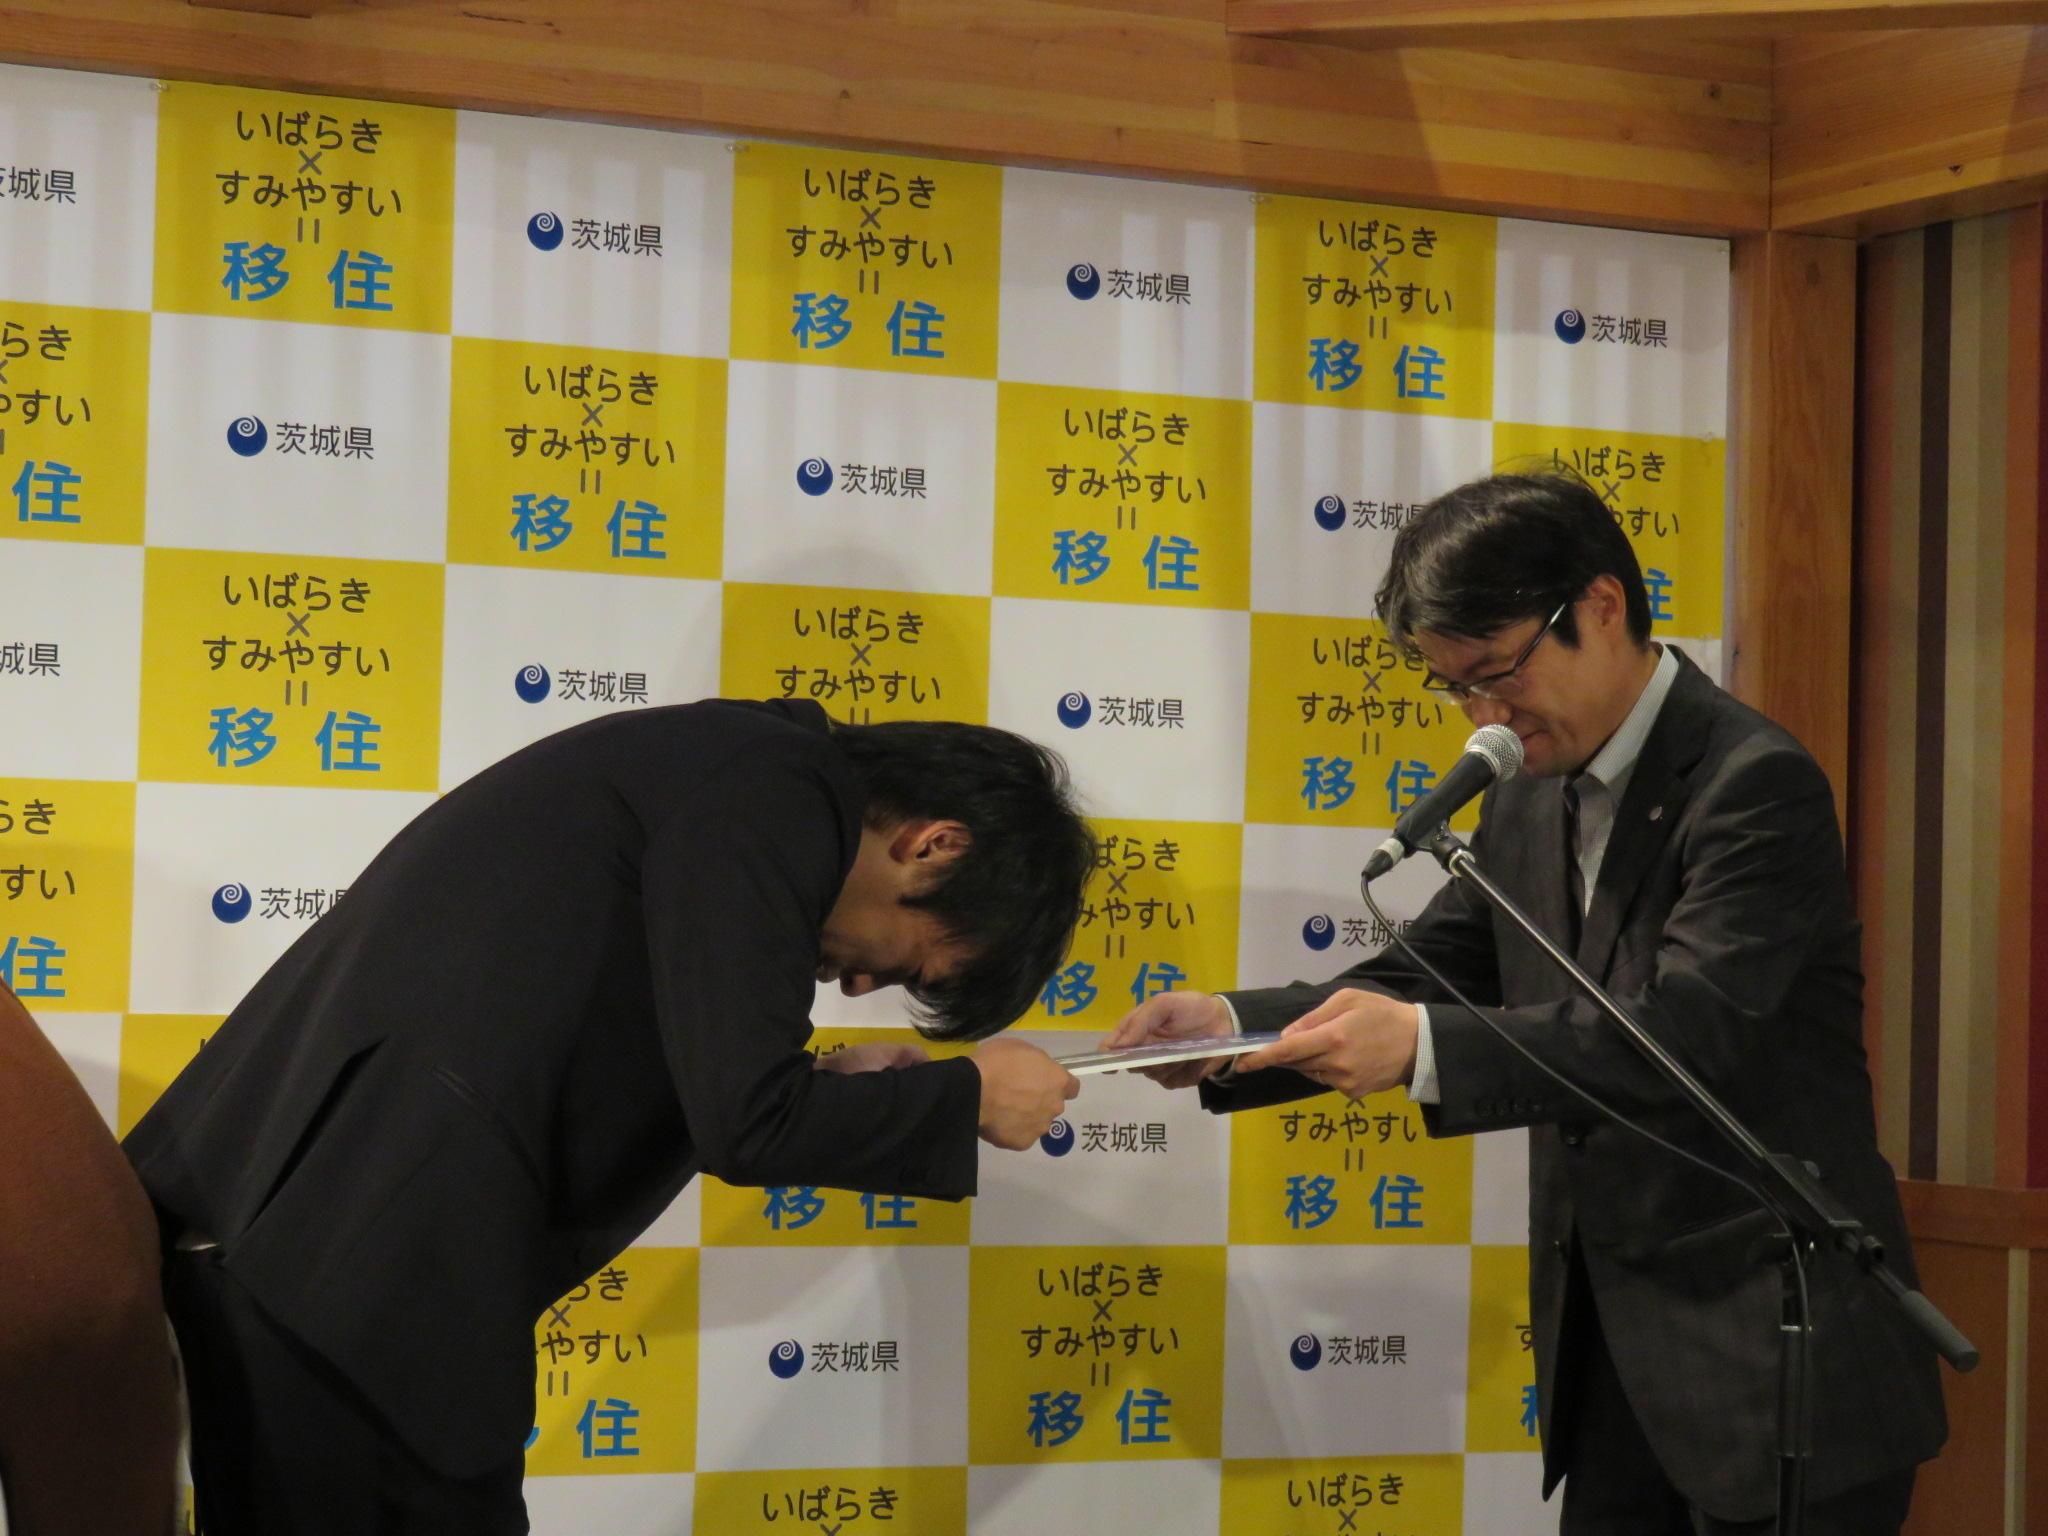 http://news.yoshimoto.co.jp/20160630165301-7c3a6f816b9eaa515bb9ad53d79fe7d4fdbd5ec3.jpg